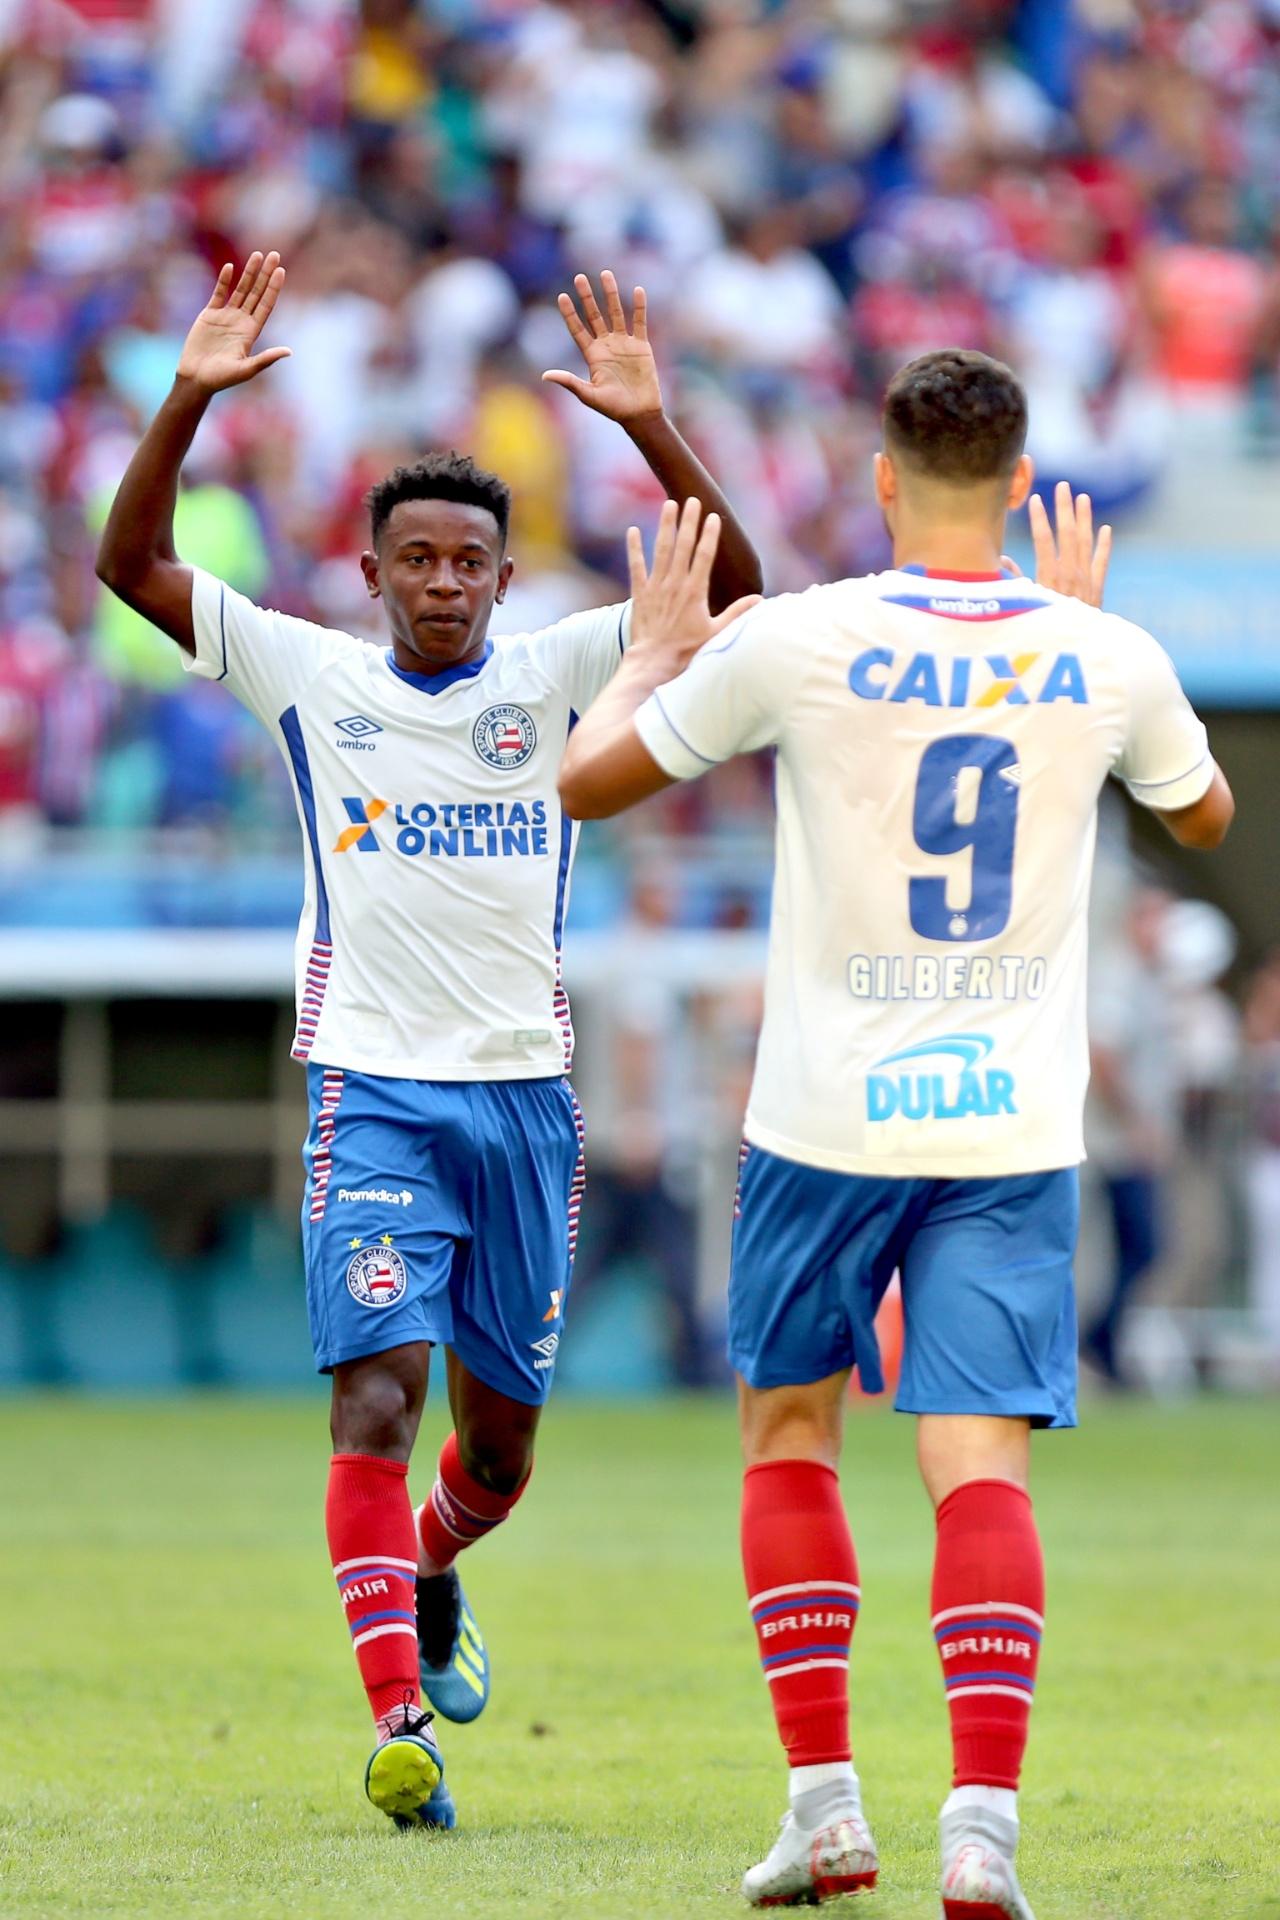 Santos projeta R  21 milhões por meia do Bahia e pode ceder até 2 atletas -  Esporte - BOL 5252bfec19ca0